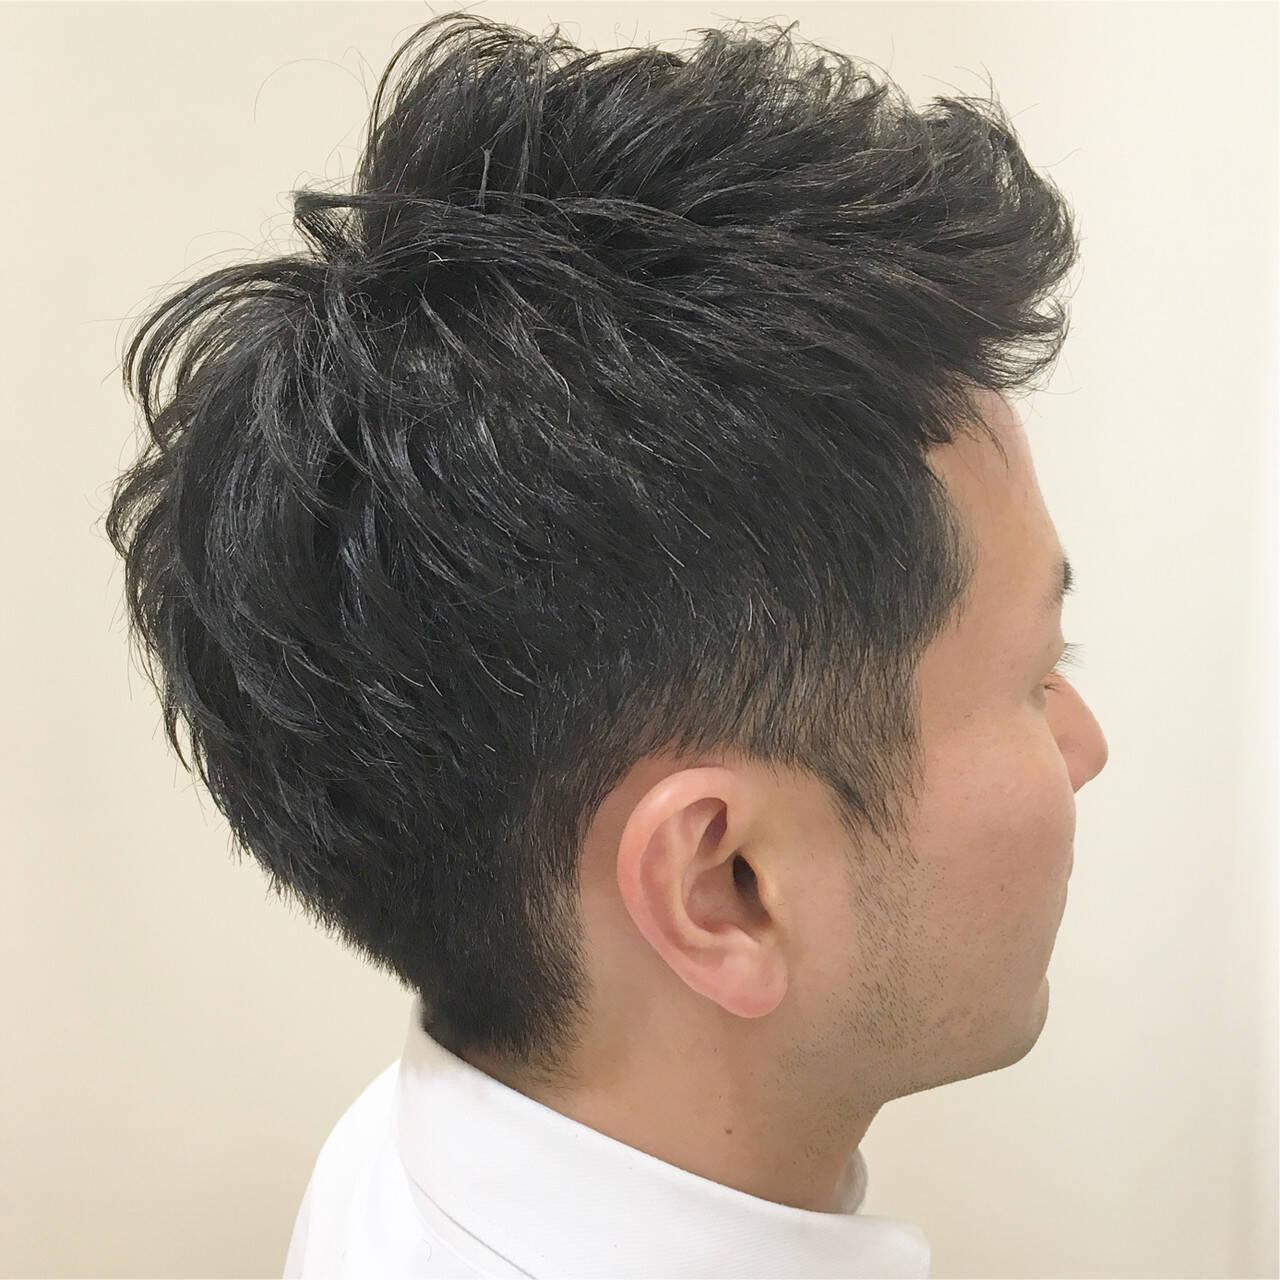 刈り上げ アップバング メンズ ツーブロックヘアスタイルや髪型の写真・画像